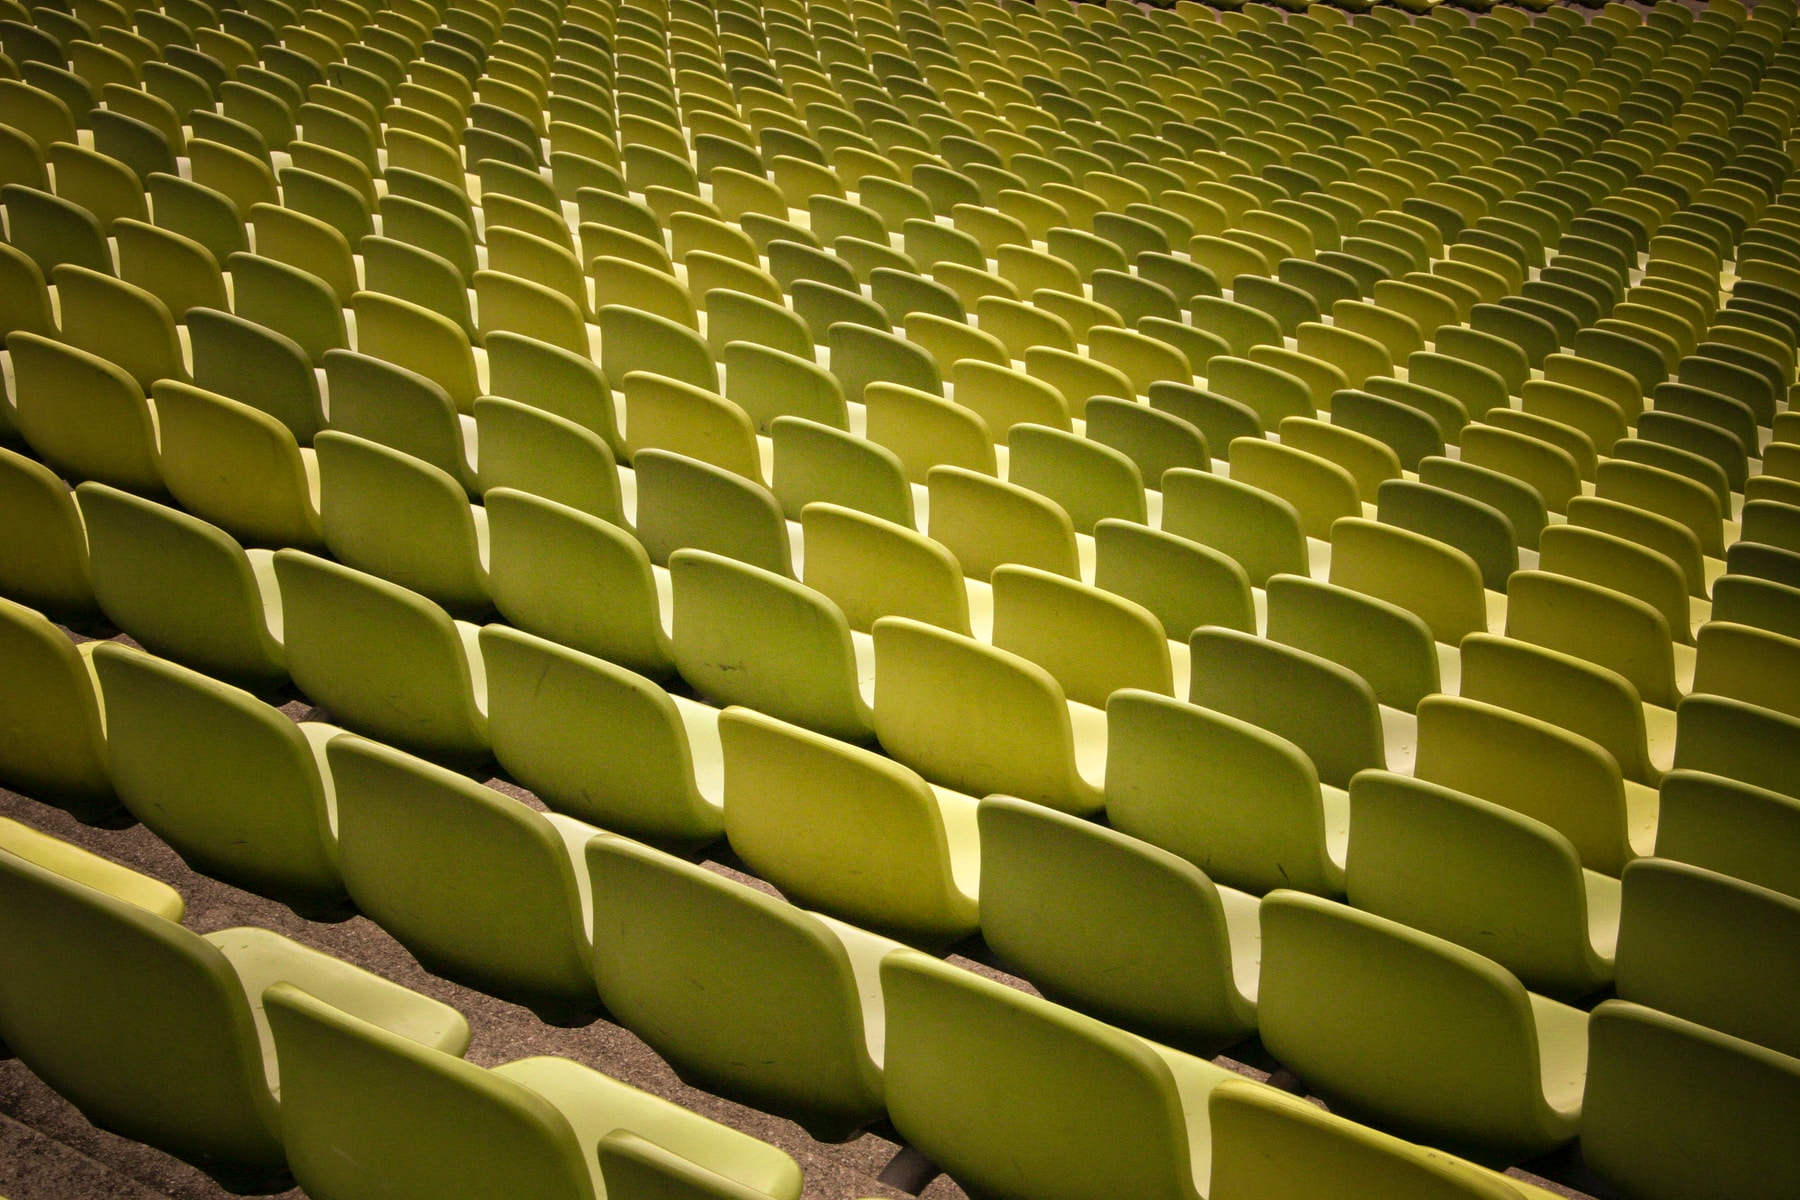 green stadium chairs